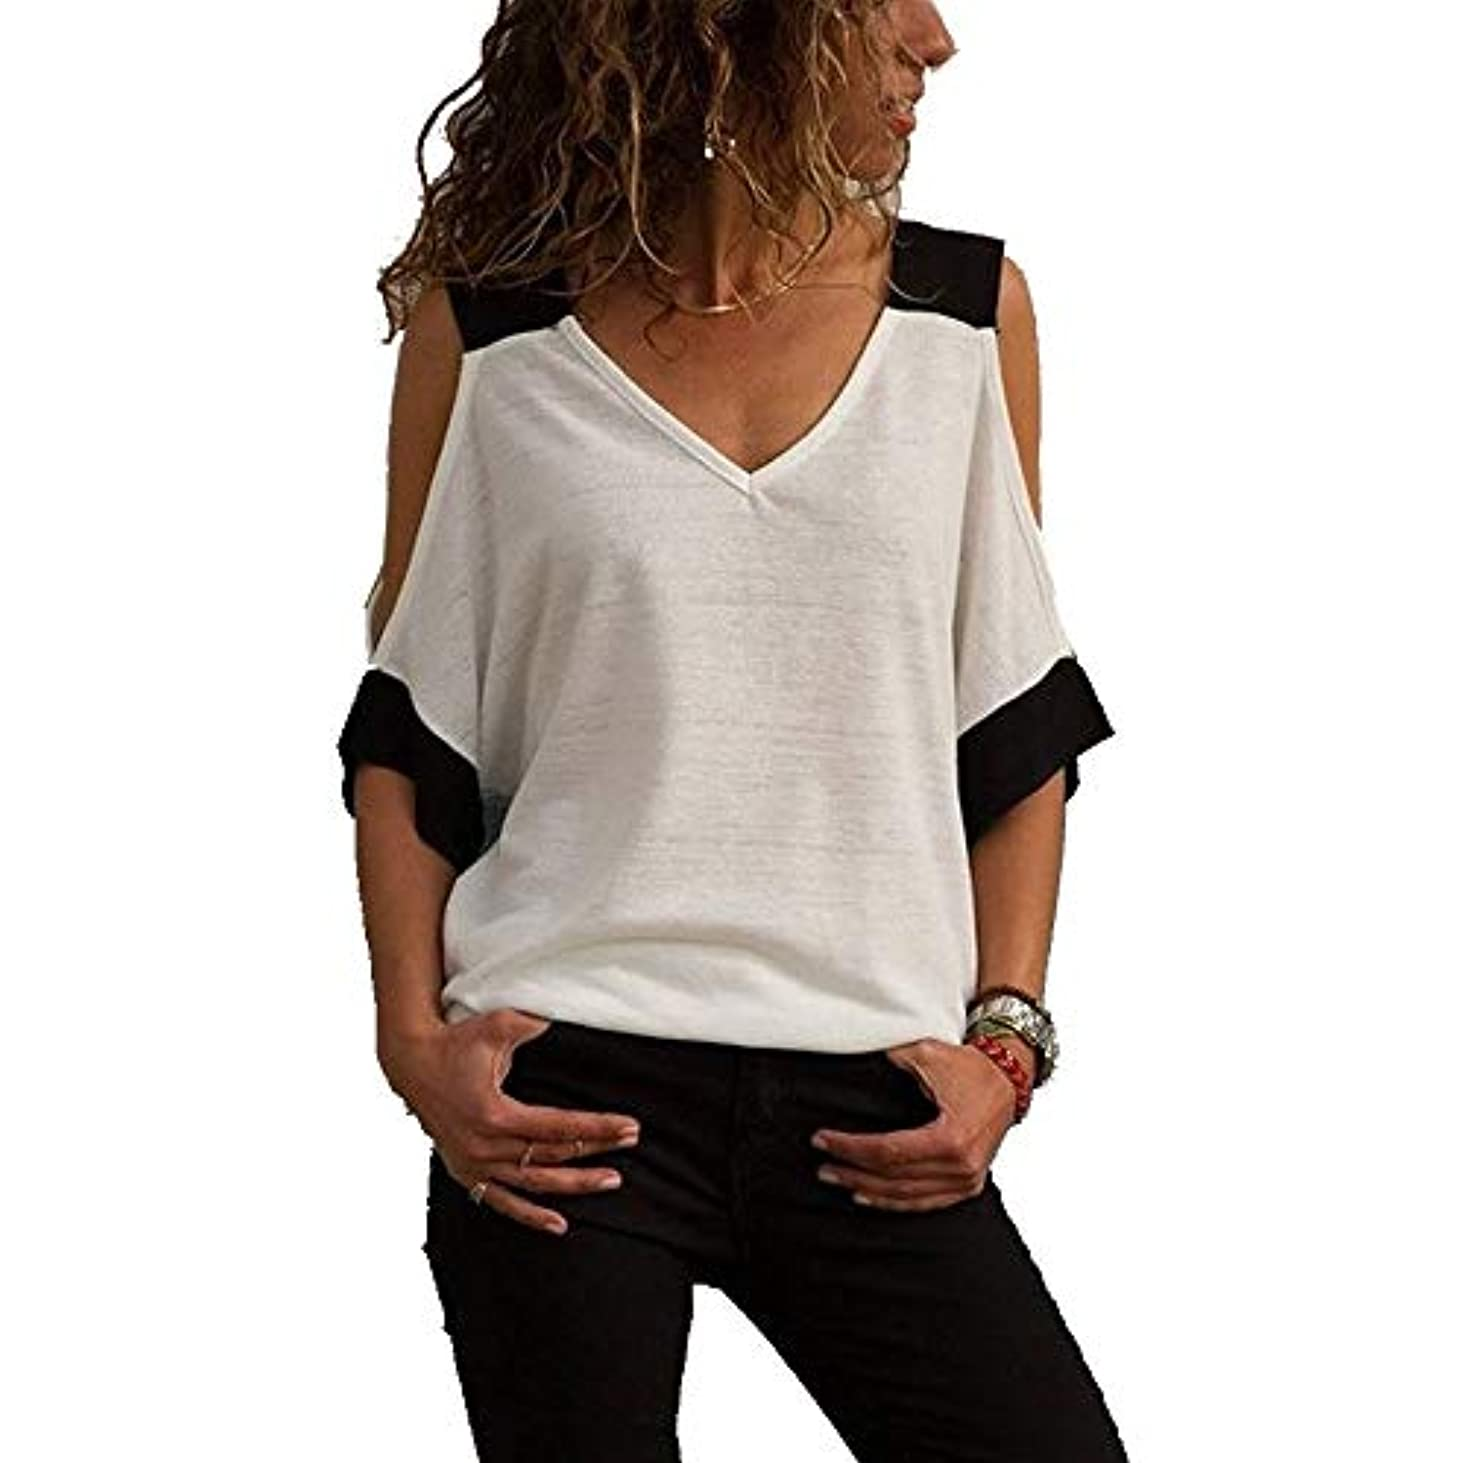 エミュレートするスカート黙認するMIFAN女性ファッションカジュアルトップス女性ショルダーブラウスコットンTシャツディープVネック半袖